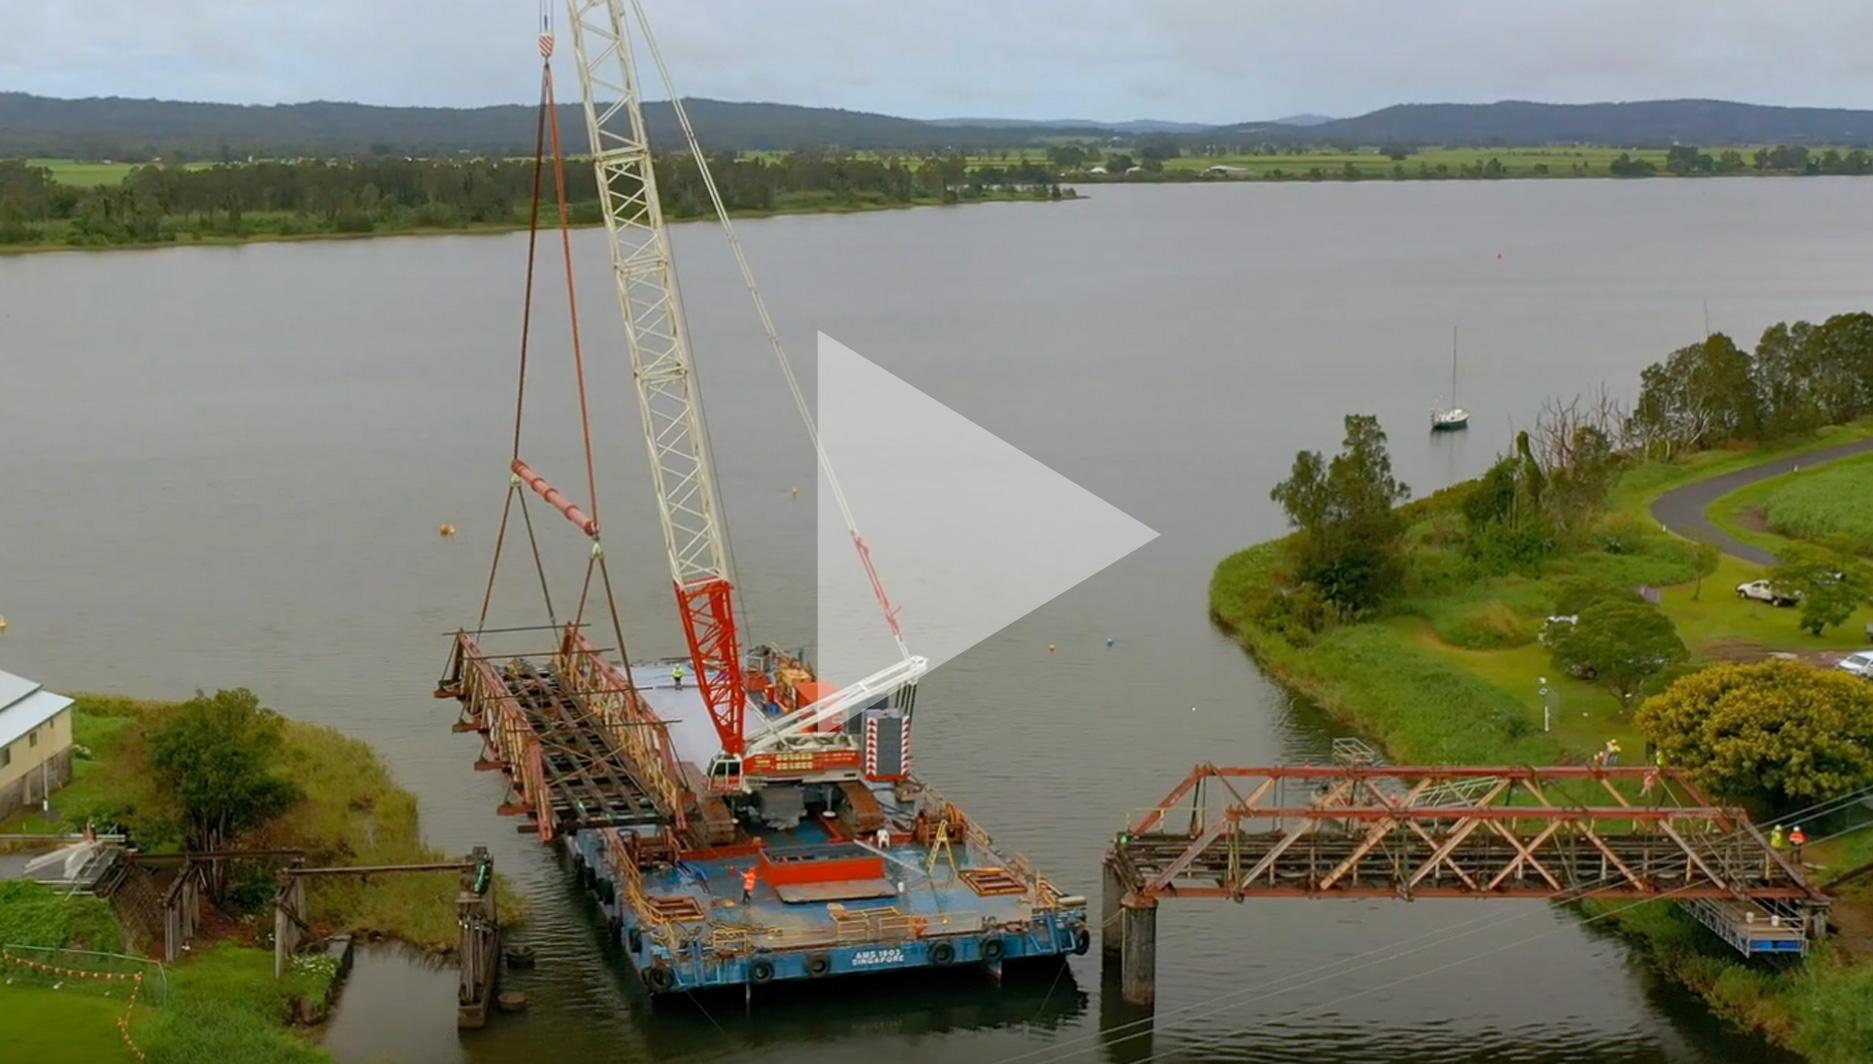 Borger Cranes